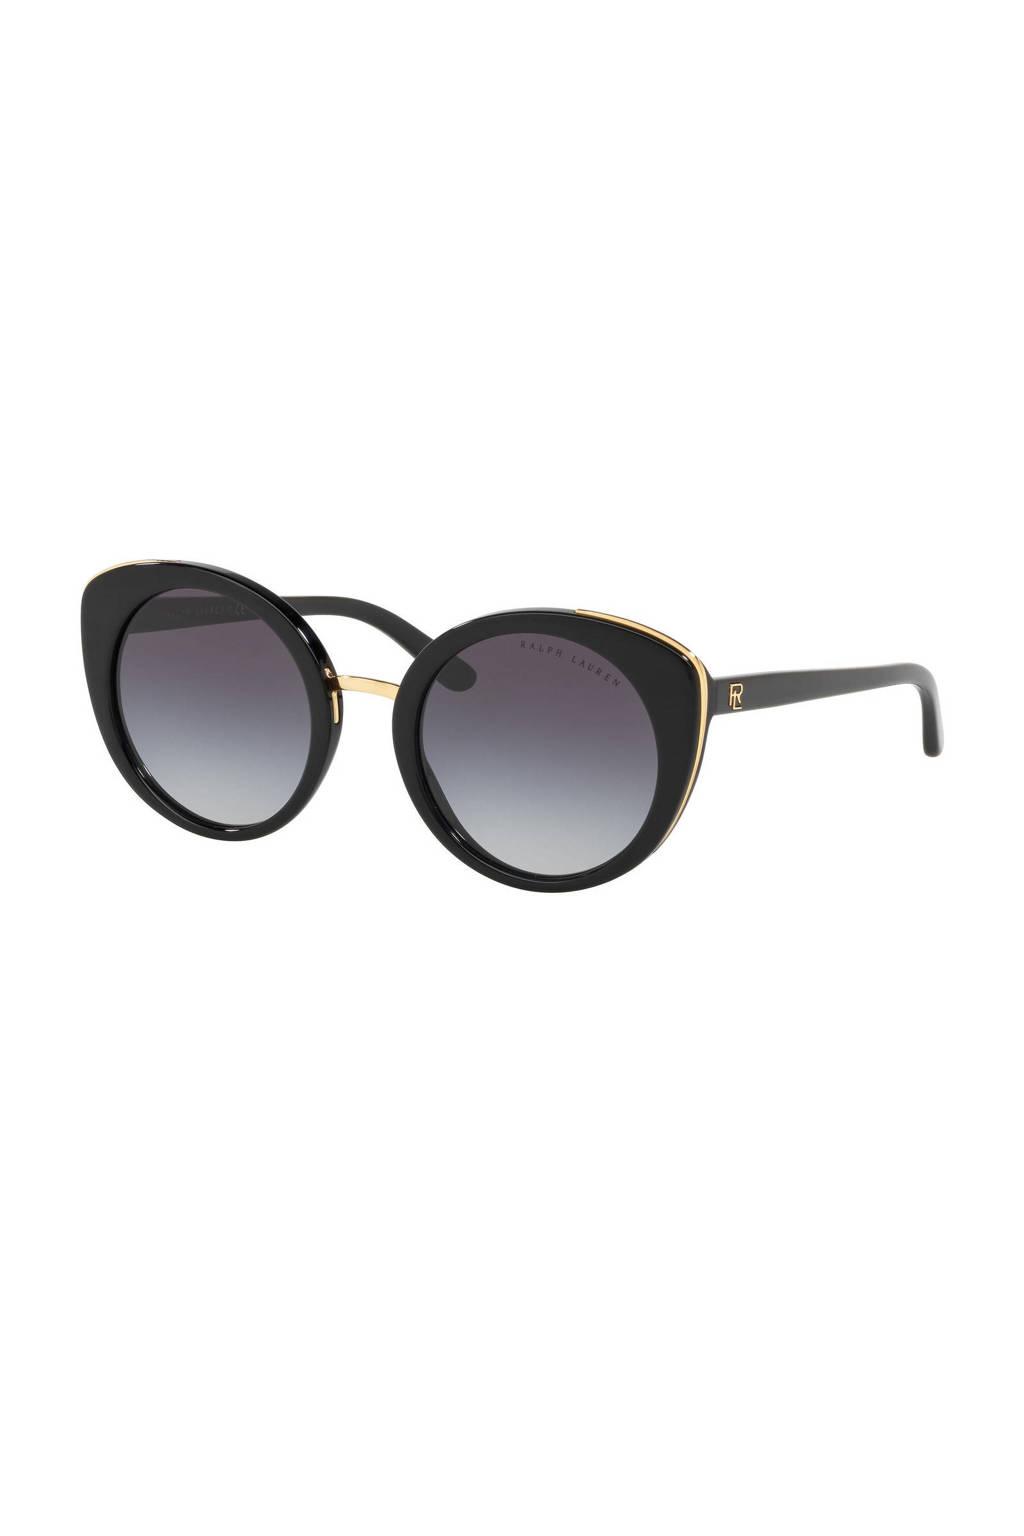 Ralph Lauren zonnebril 0RL8165, Grijs